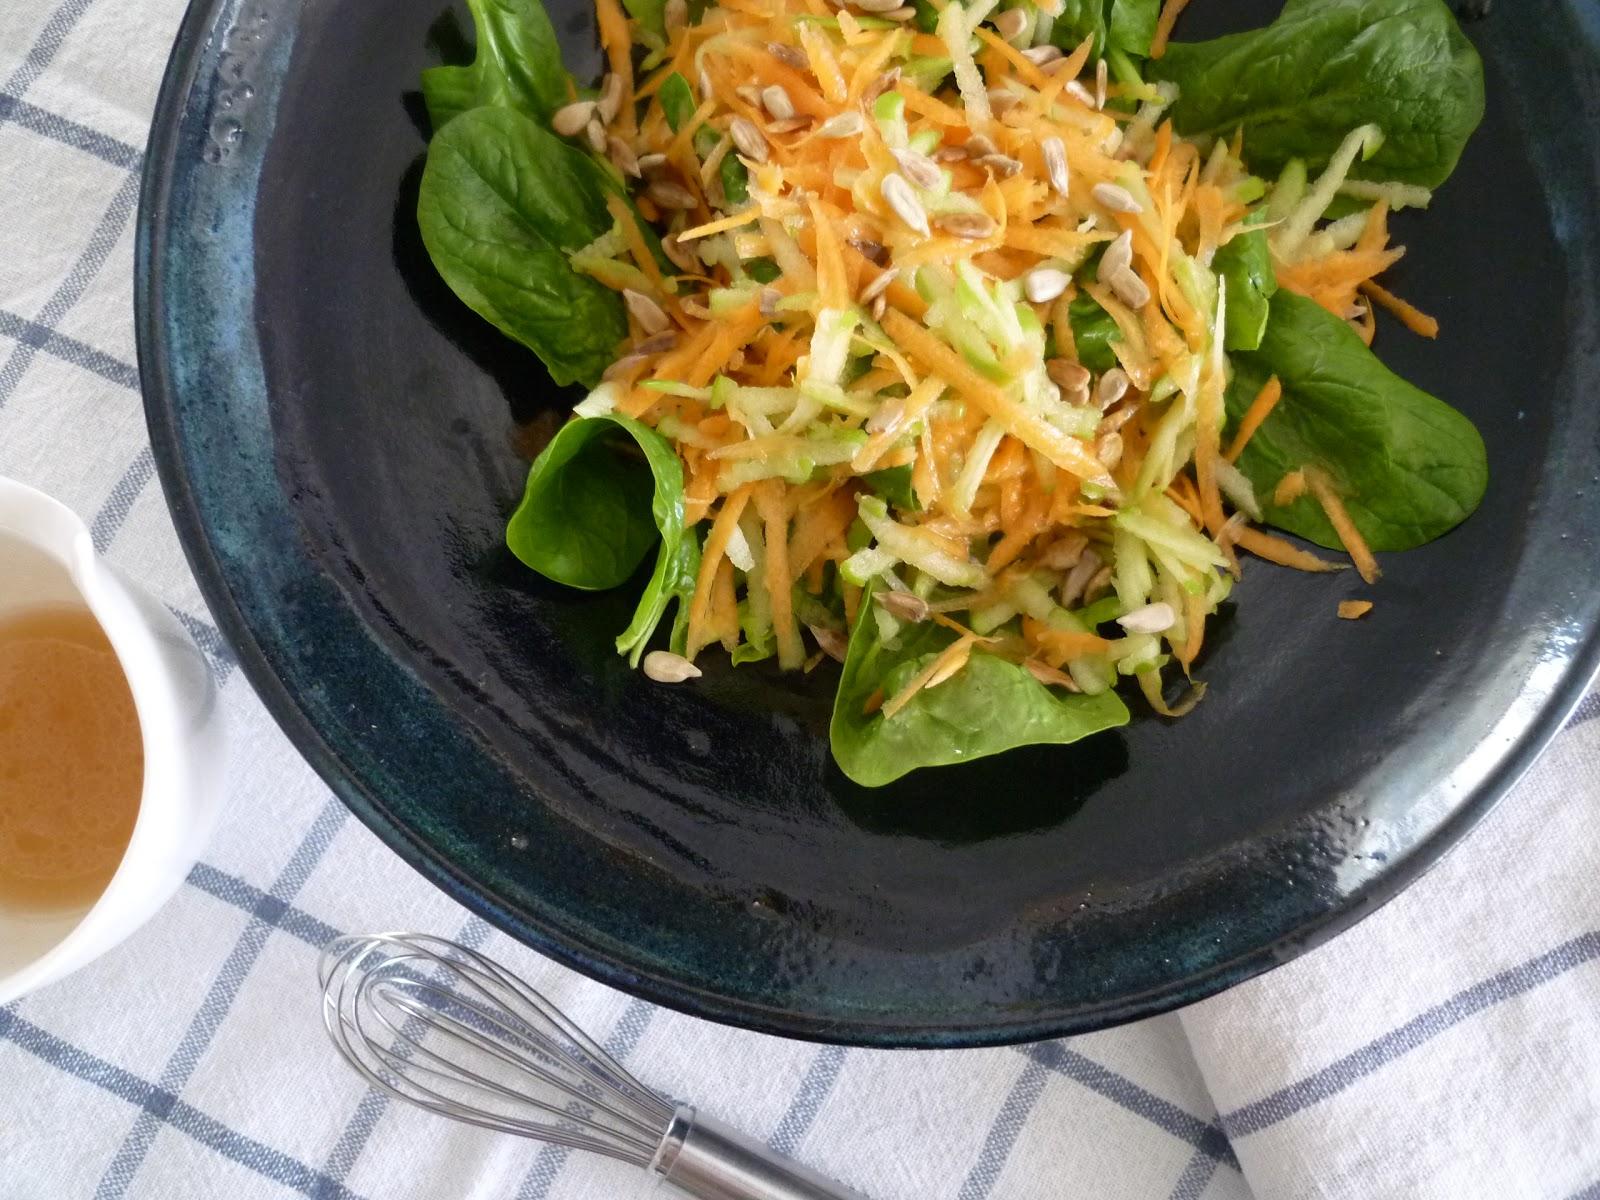 Ensalada de Zanahoria + Manzana Verde + Hojitas de Espinacas + Semillas Girasol - 04